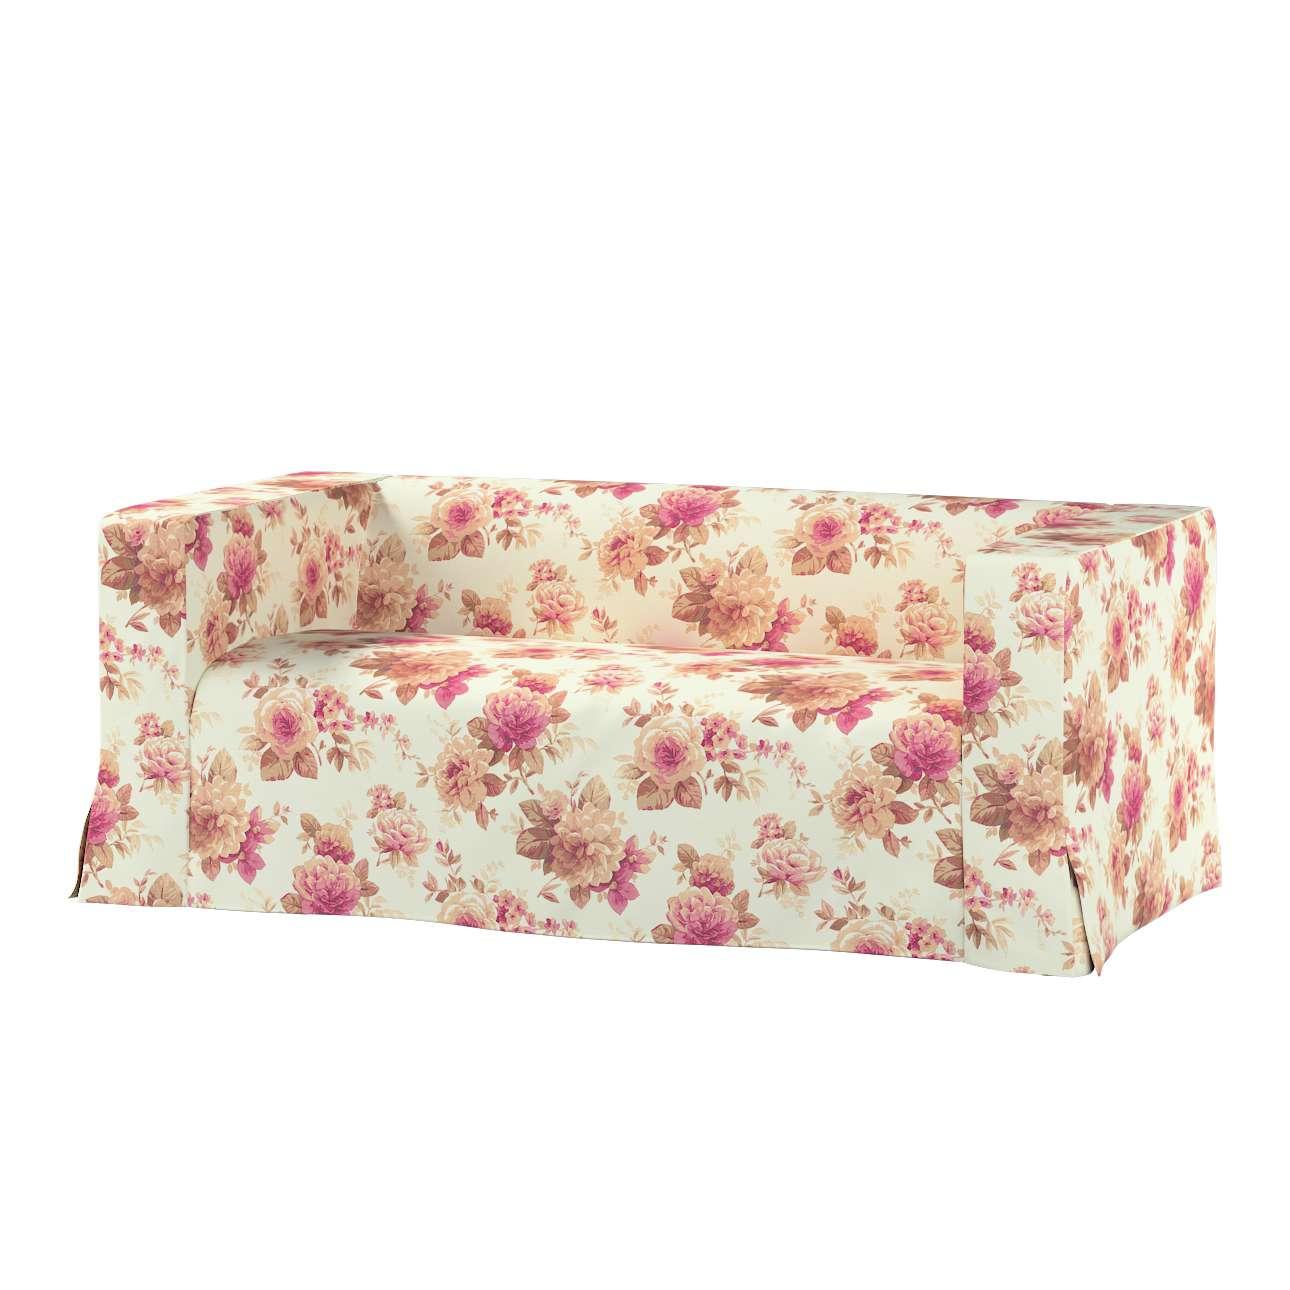 Klippan dvivietės sofos užvalkalas (ilgas, iki žemės) Klippan dvivietės sofos užvalkalas (ilgas, iki žemės) kolekcijoje Mirella, audinys: 141-06